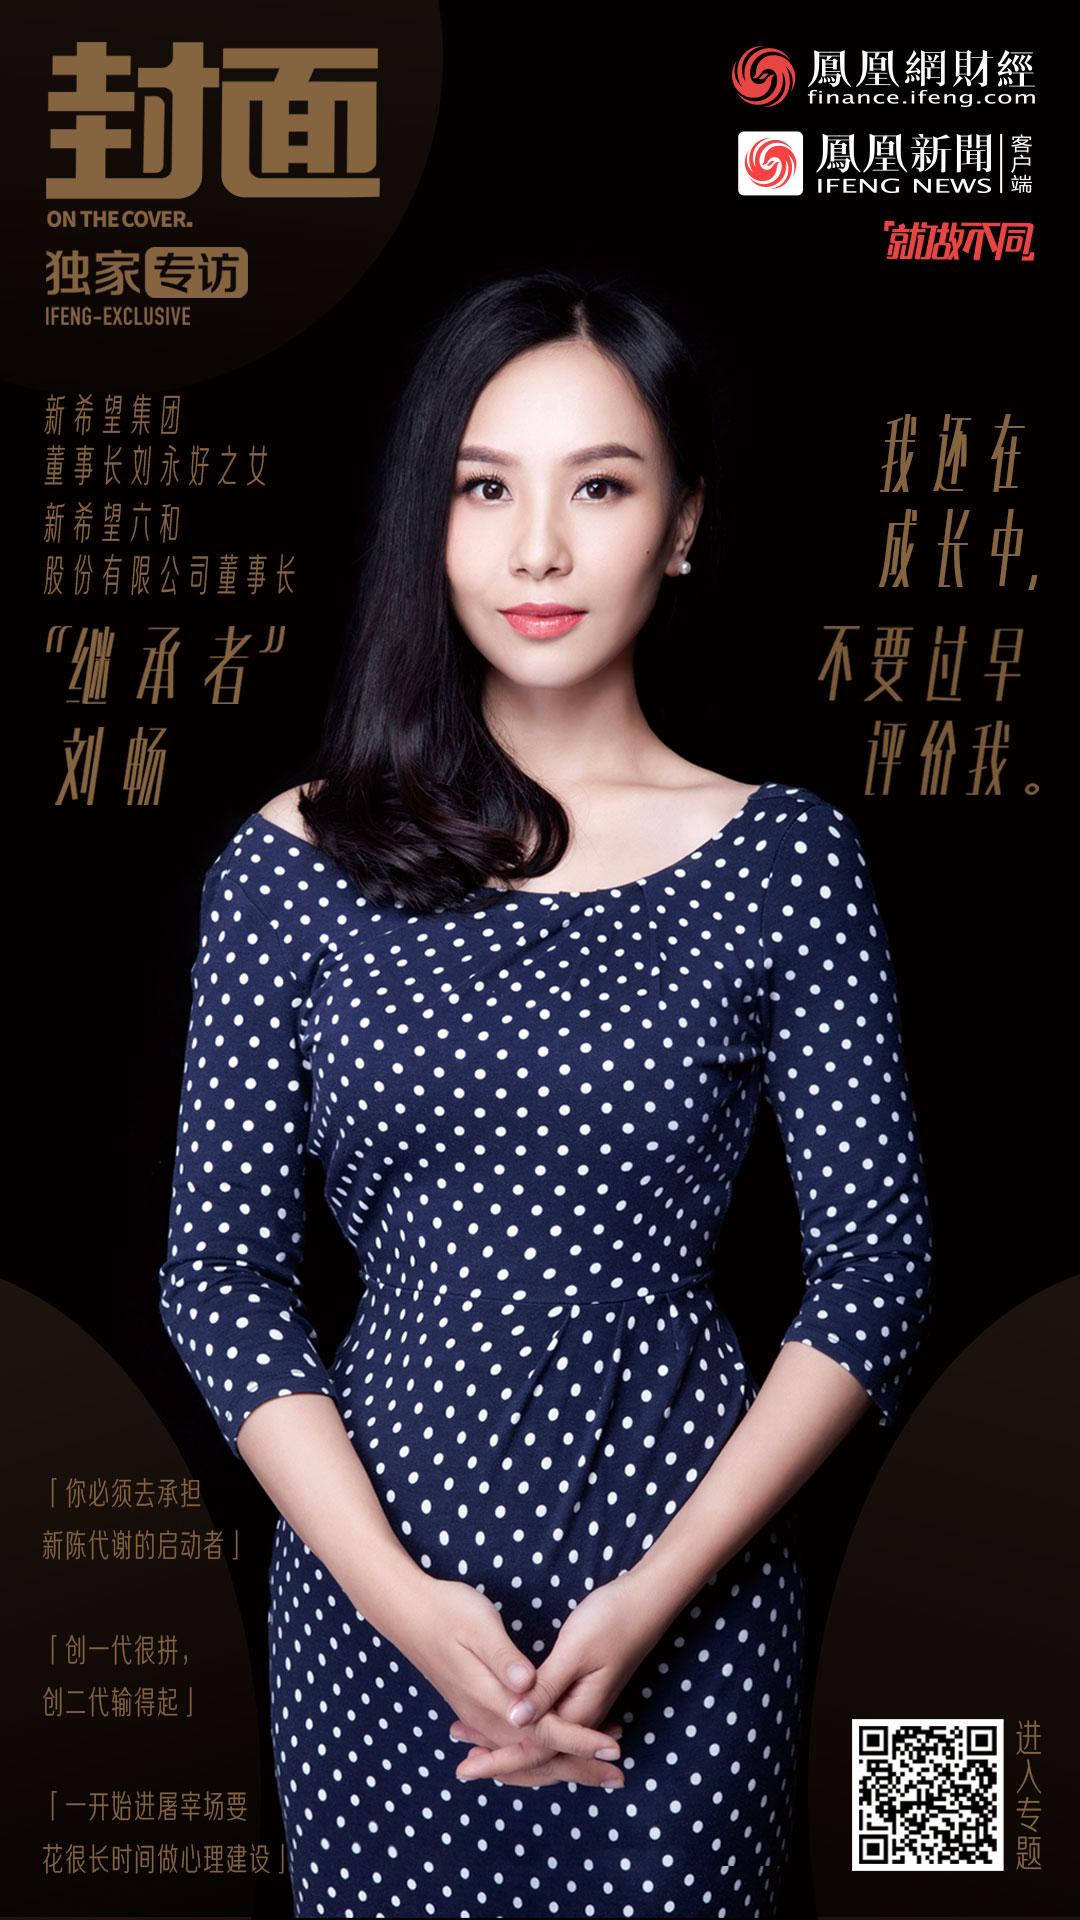 """独家  """"80后继承者""""刘畅:父亲刘永好对我最大的帮助就是问得少"""